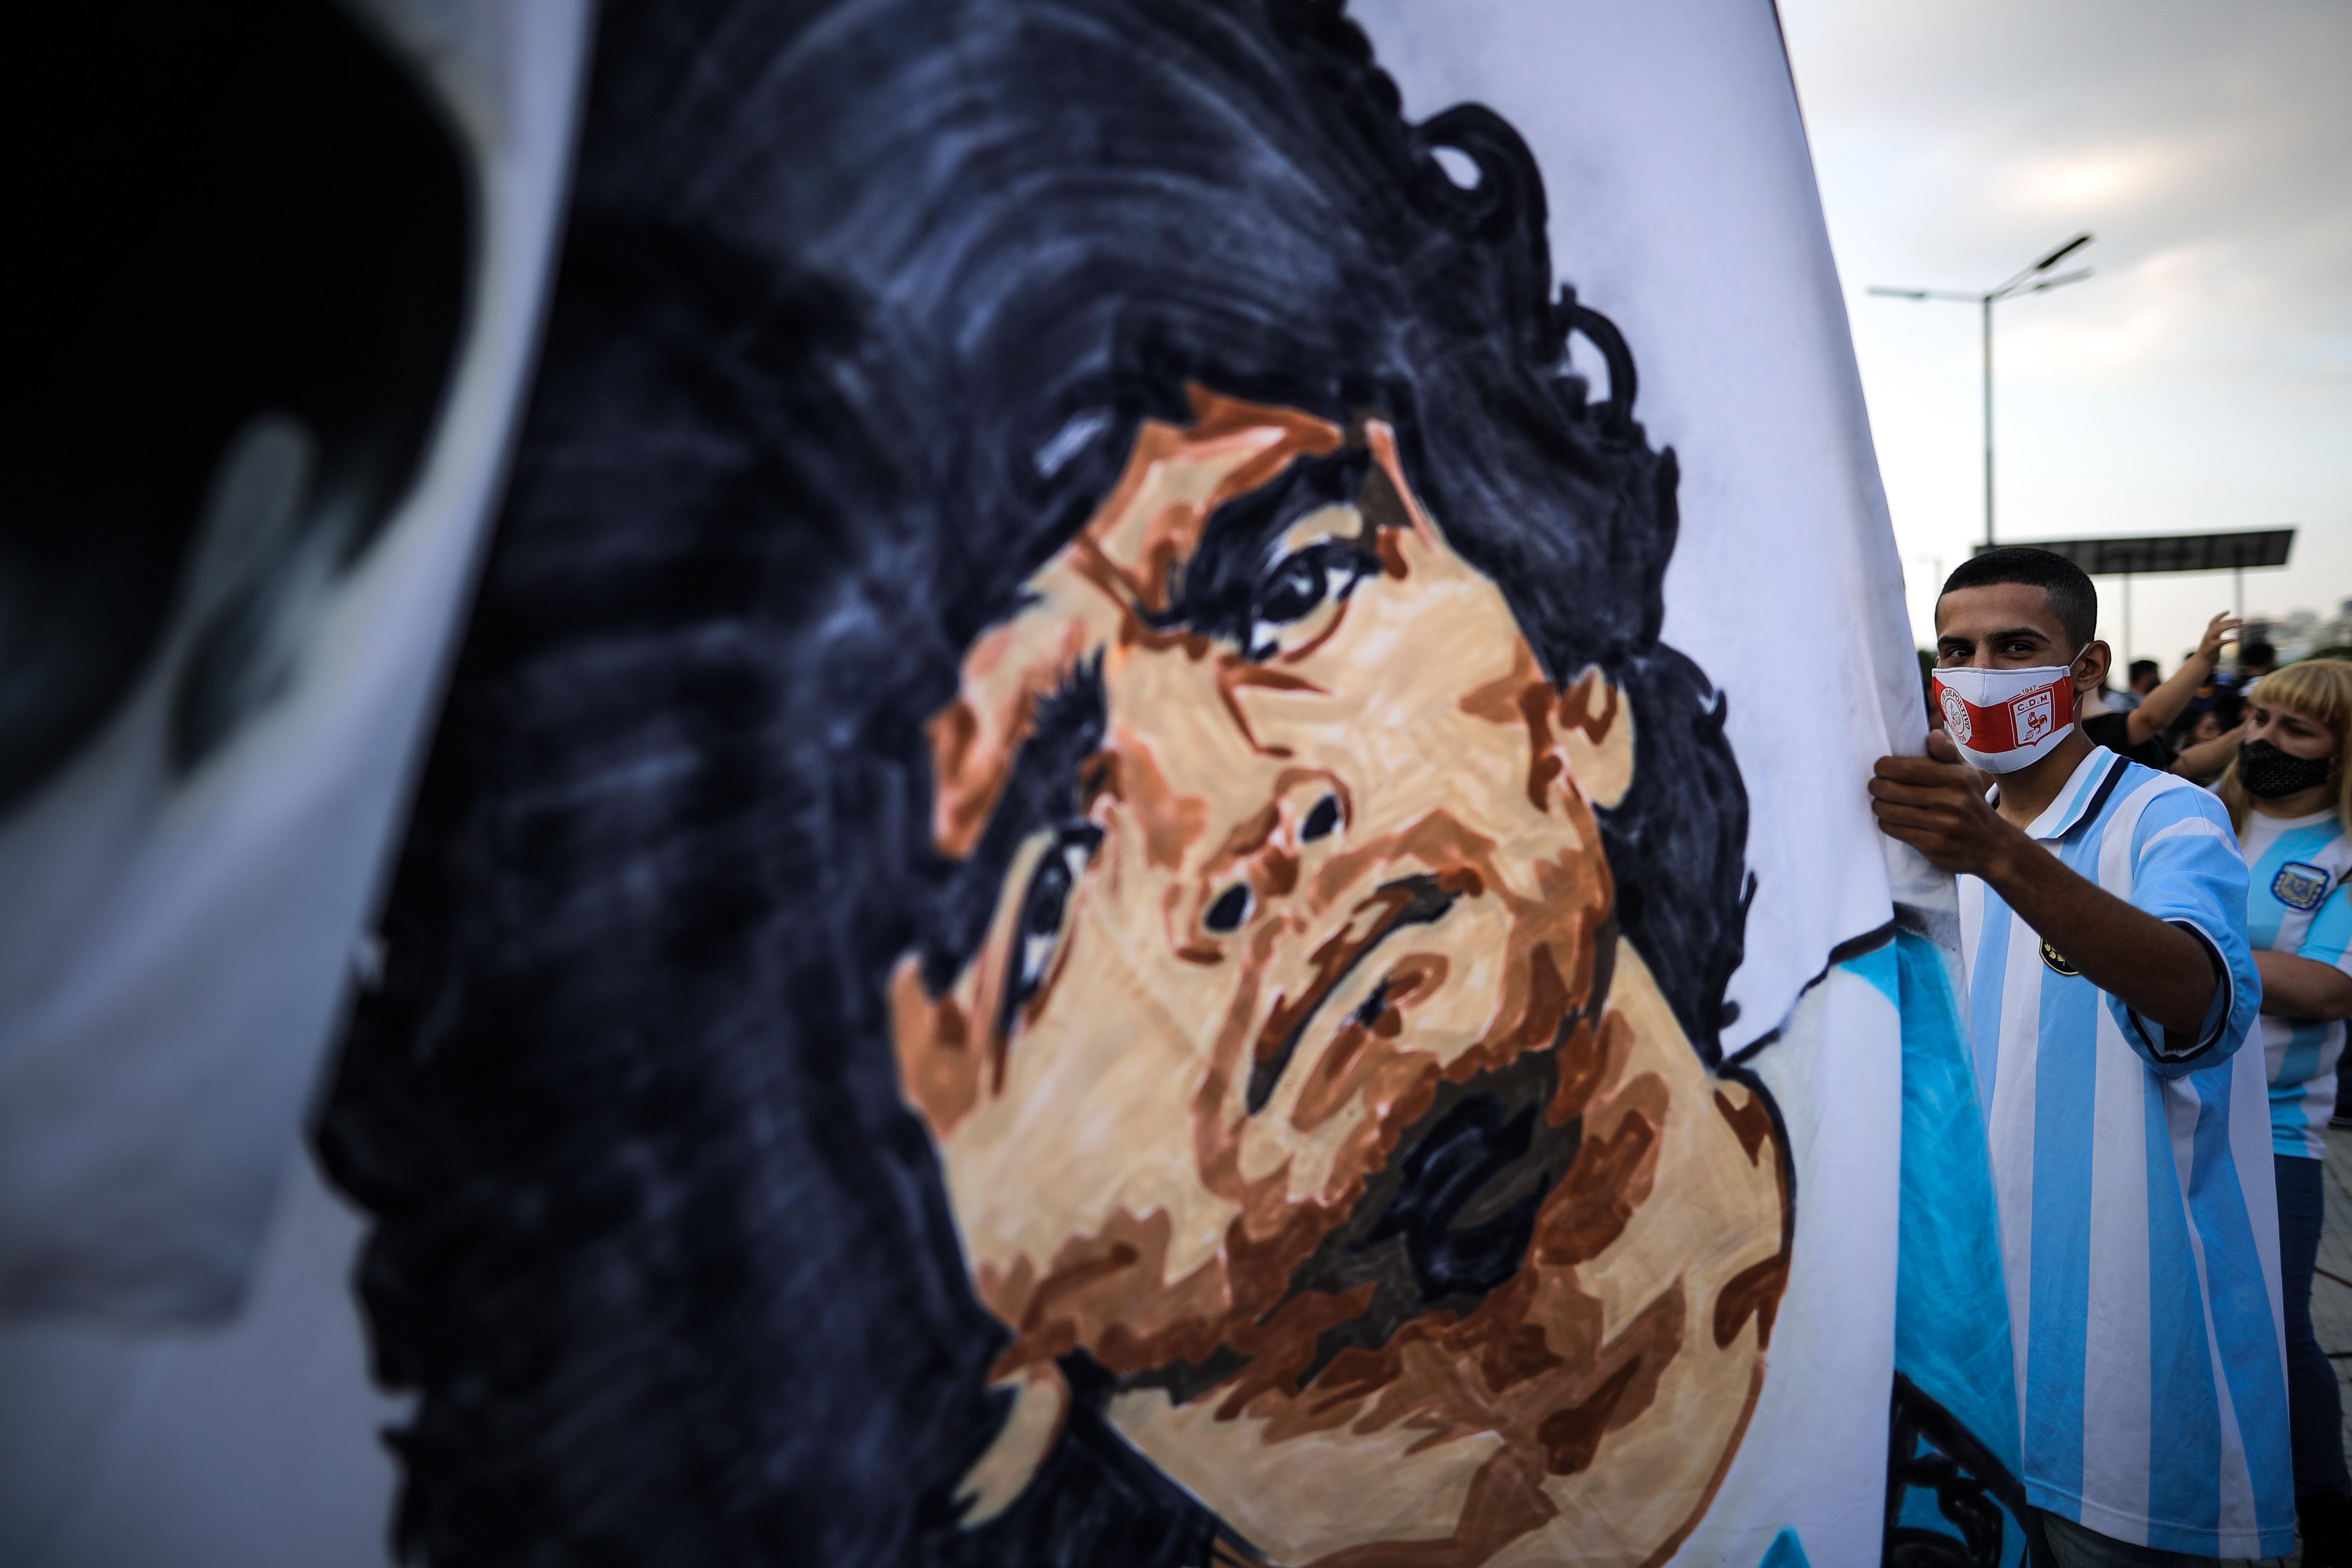 Maradona i Napulj imali su izvanzemaljsku i ponekad tamnu magiju: Ja sam bio tamo